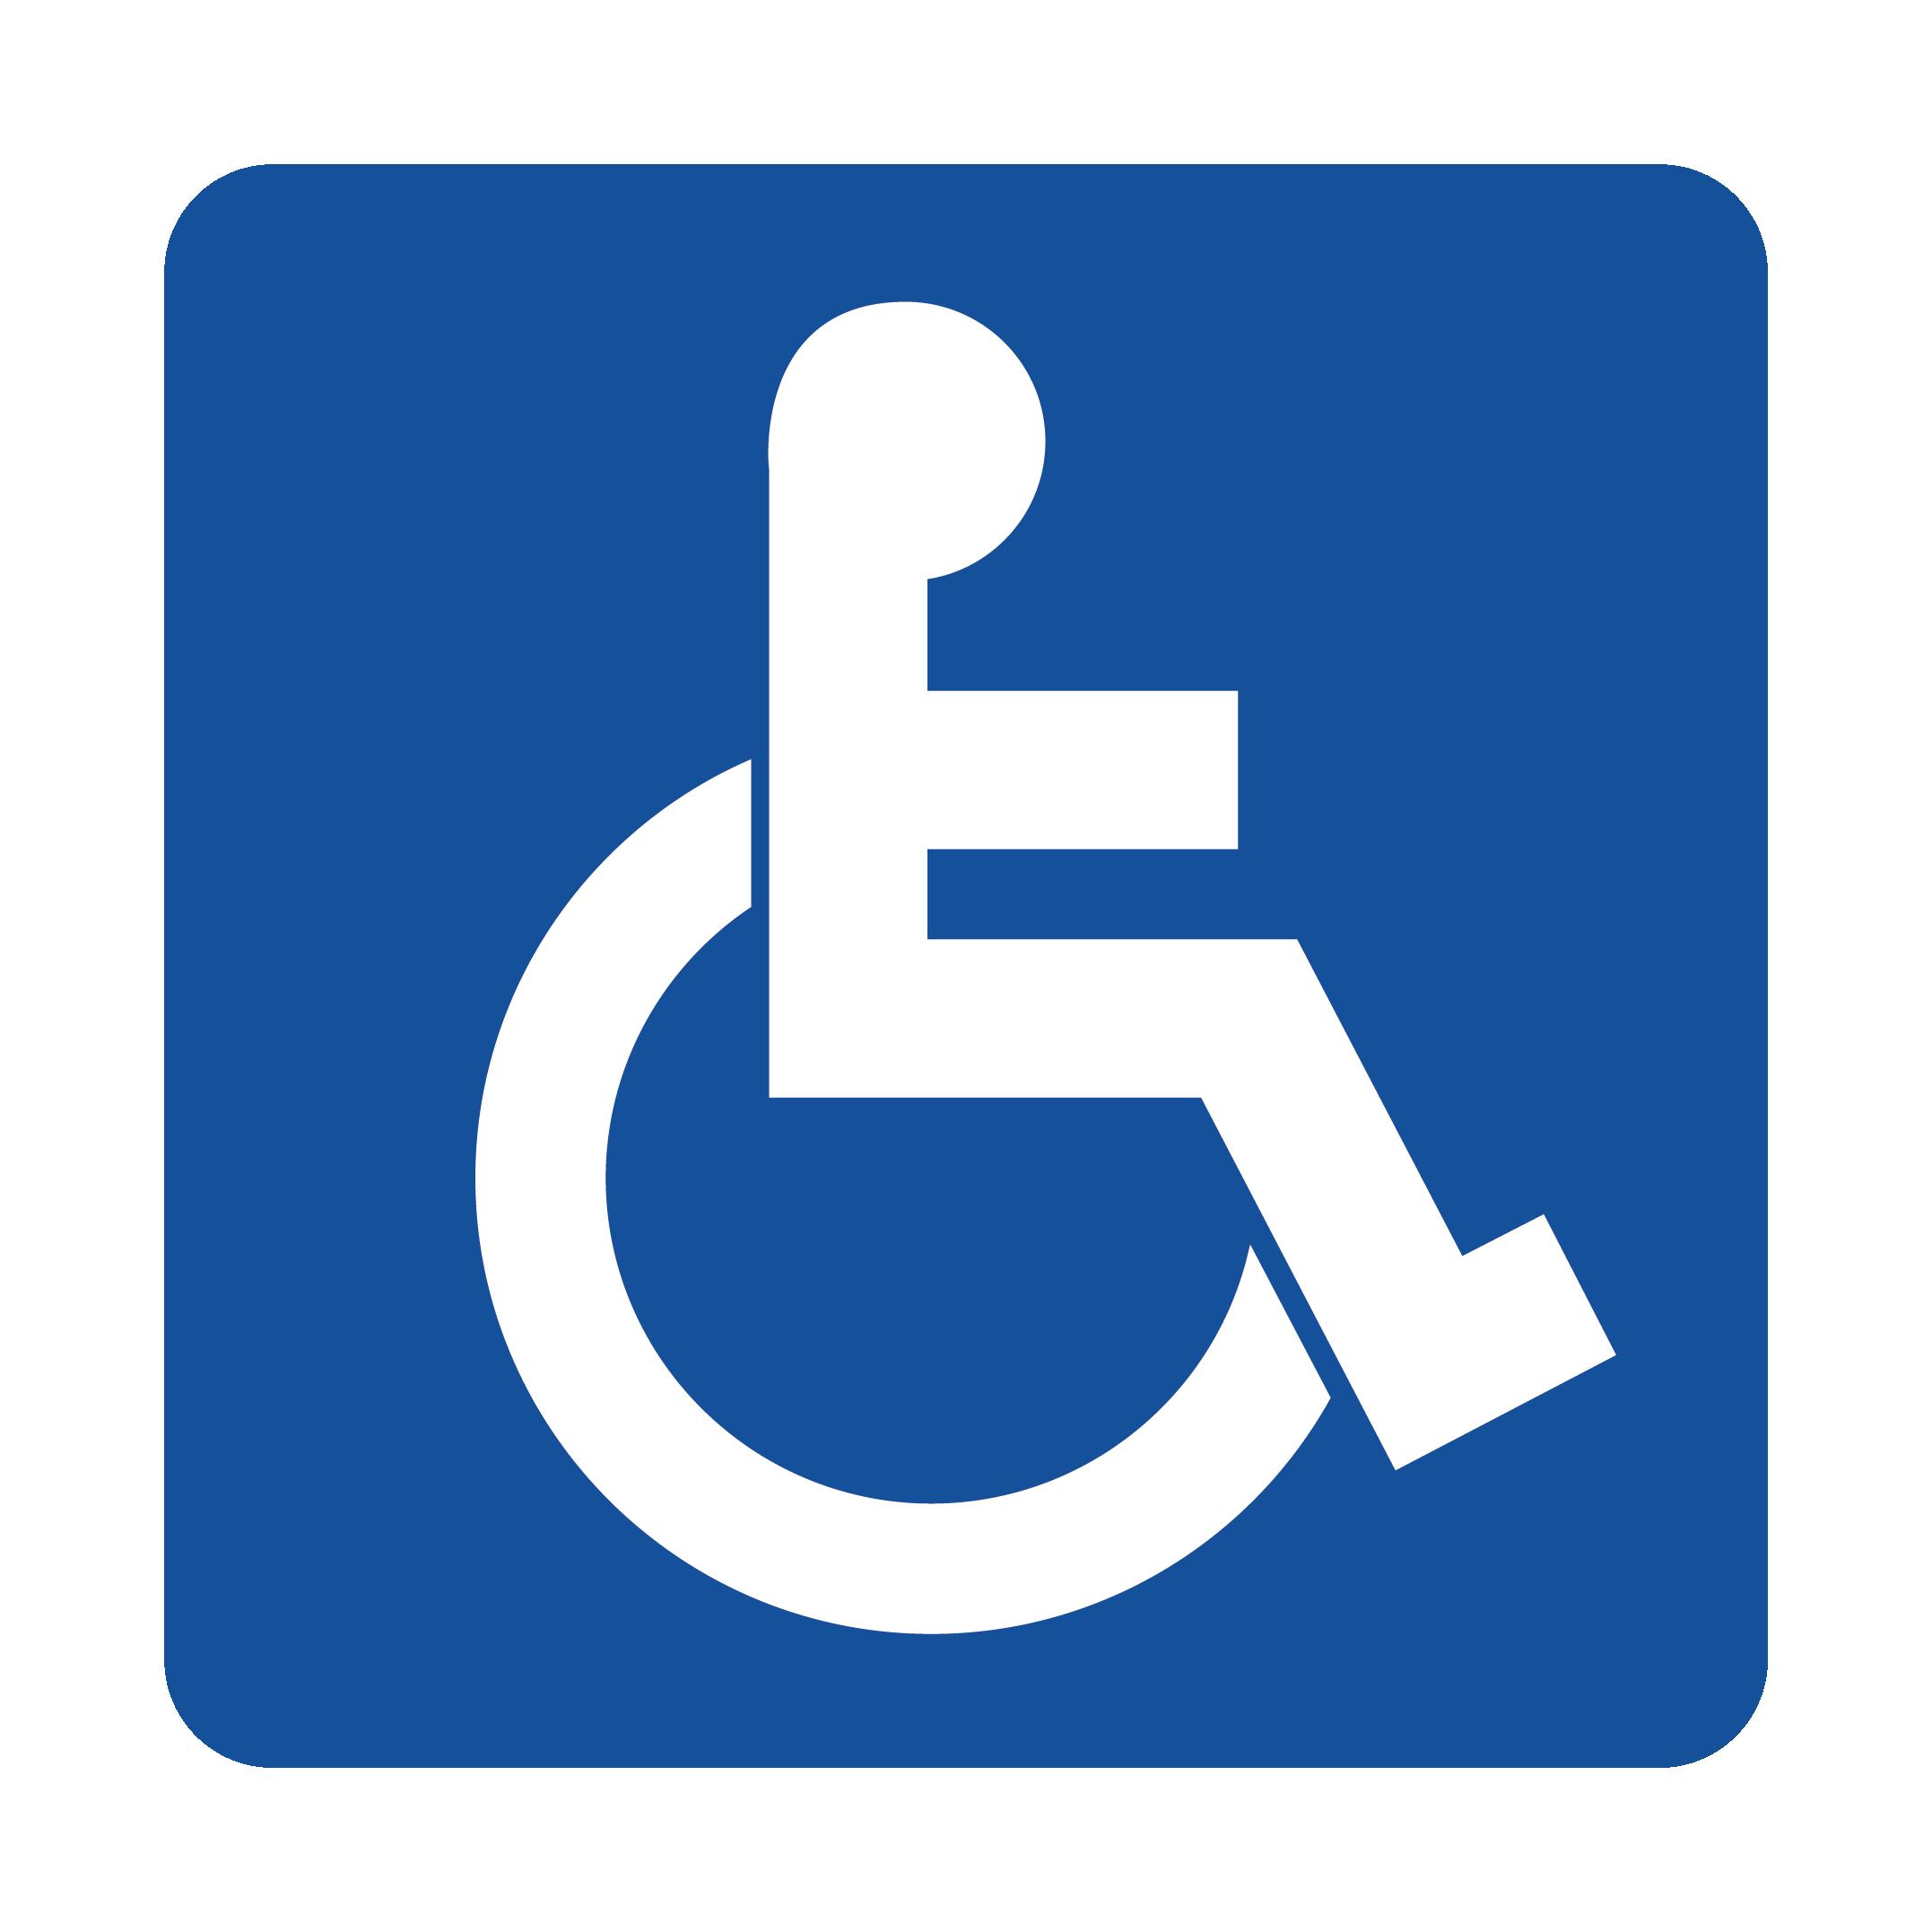 国際シンボルマーク(車椅子マーク)のイラスト | 商用フリー(無料)の